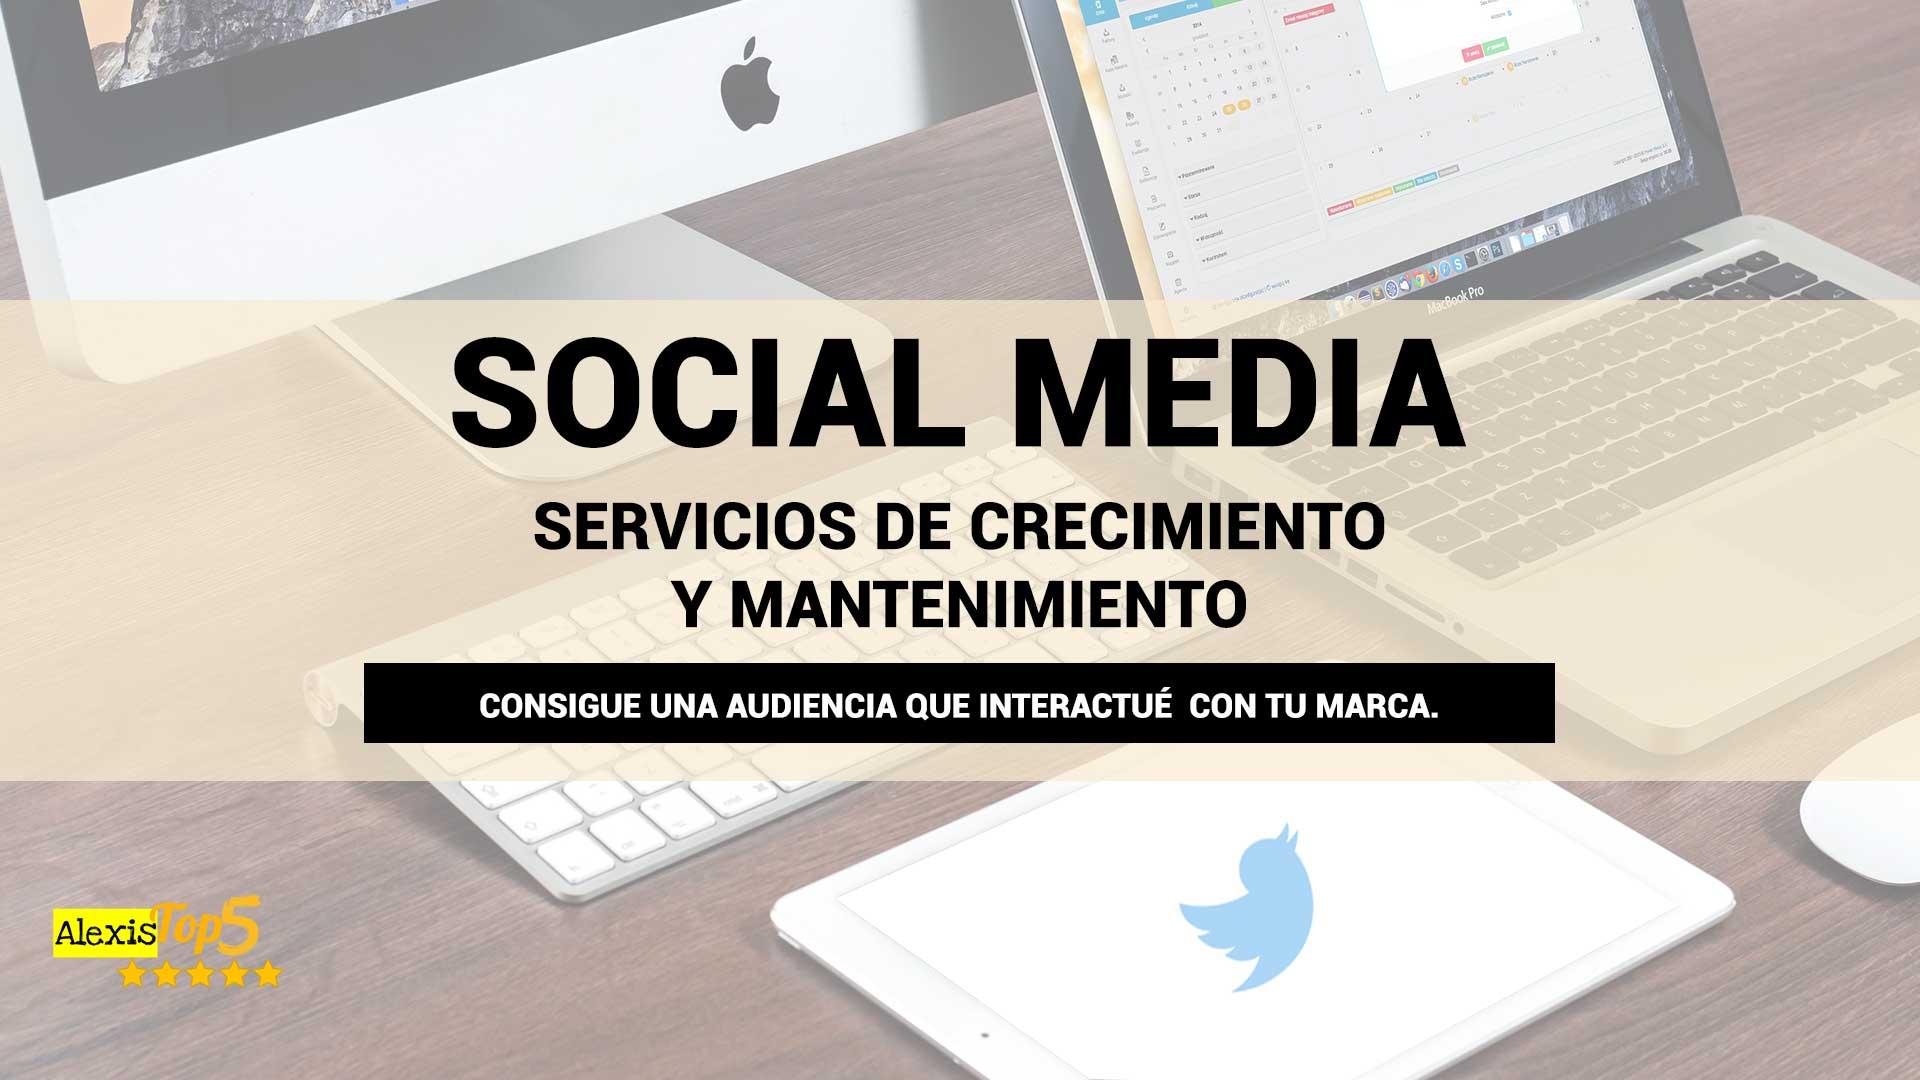 Servicios-de-crecimiento-y-mantenimiento-de-redes-sociales